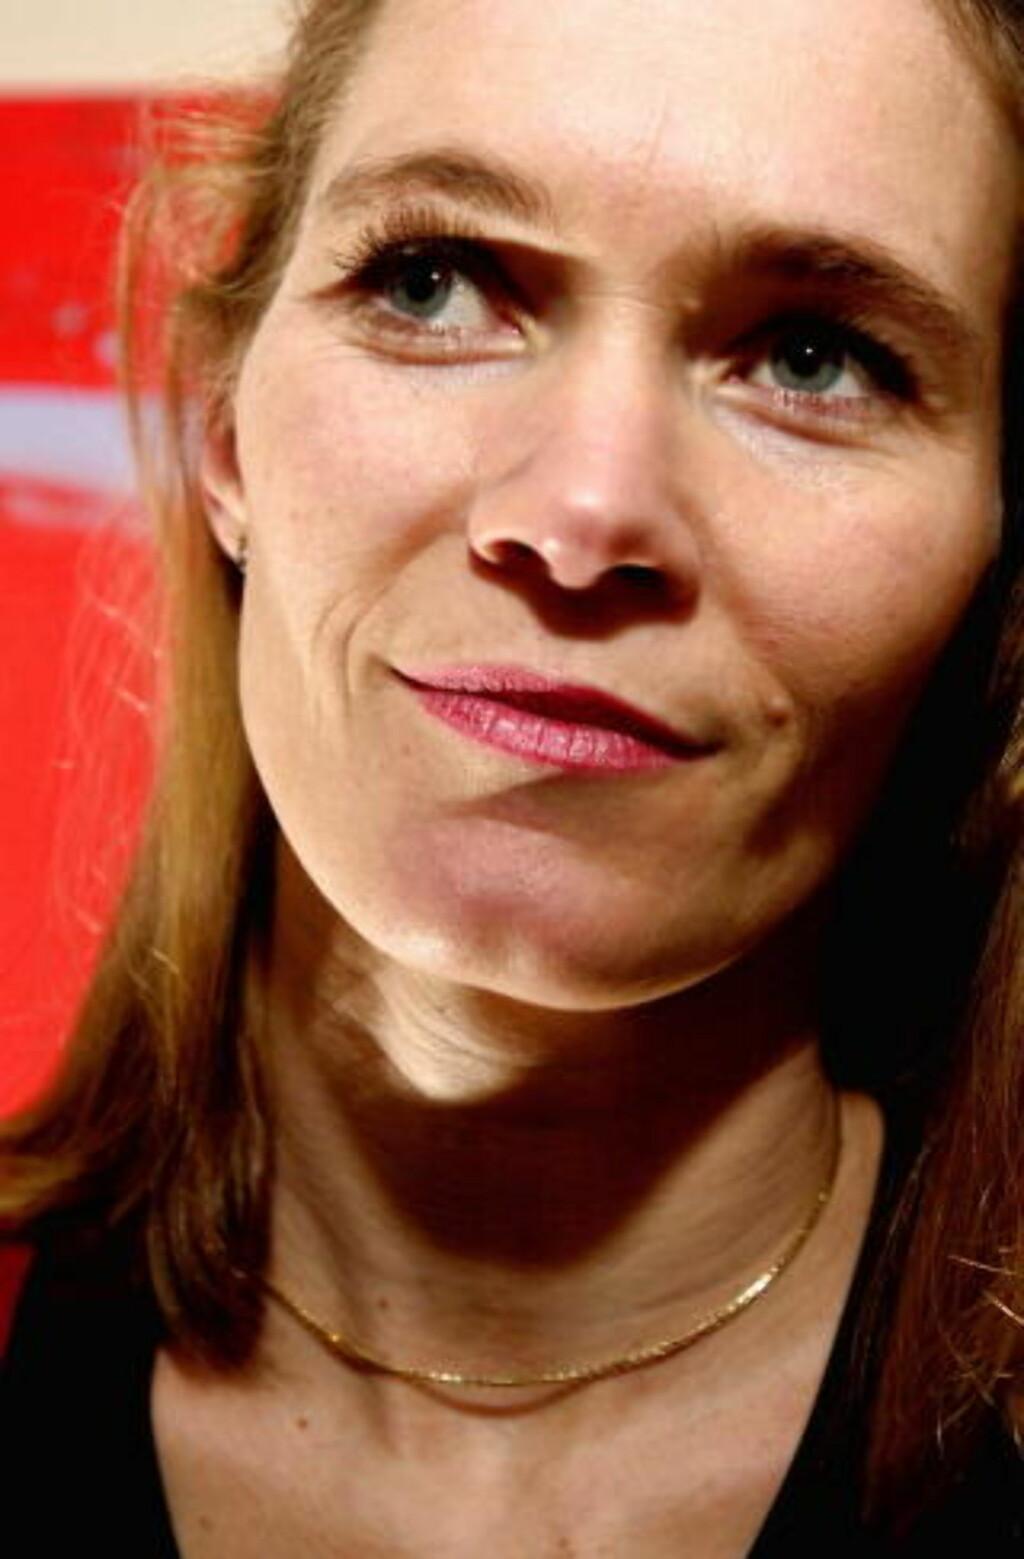 - OPPTRER SPESIELT: Statoils Lofote-gruppeleder, Hege Marie Norheim, om Havforskningsinstituttet. Foto: Robert S. Eik/ Dagbladet.